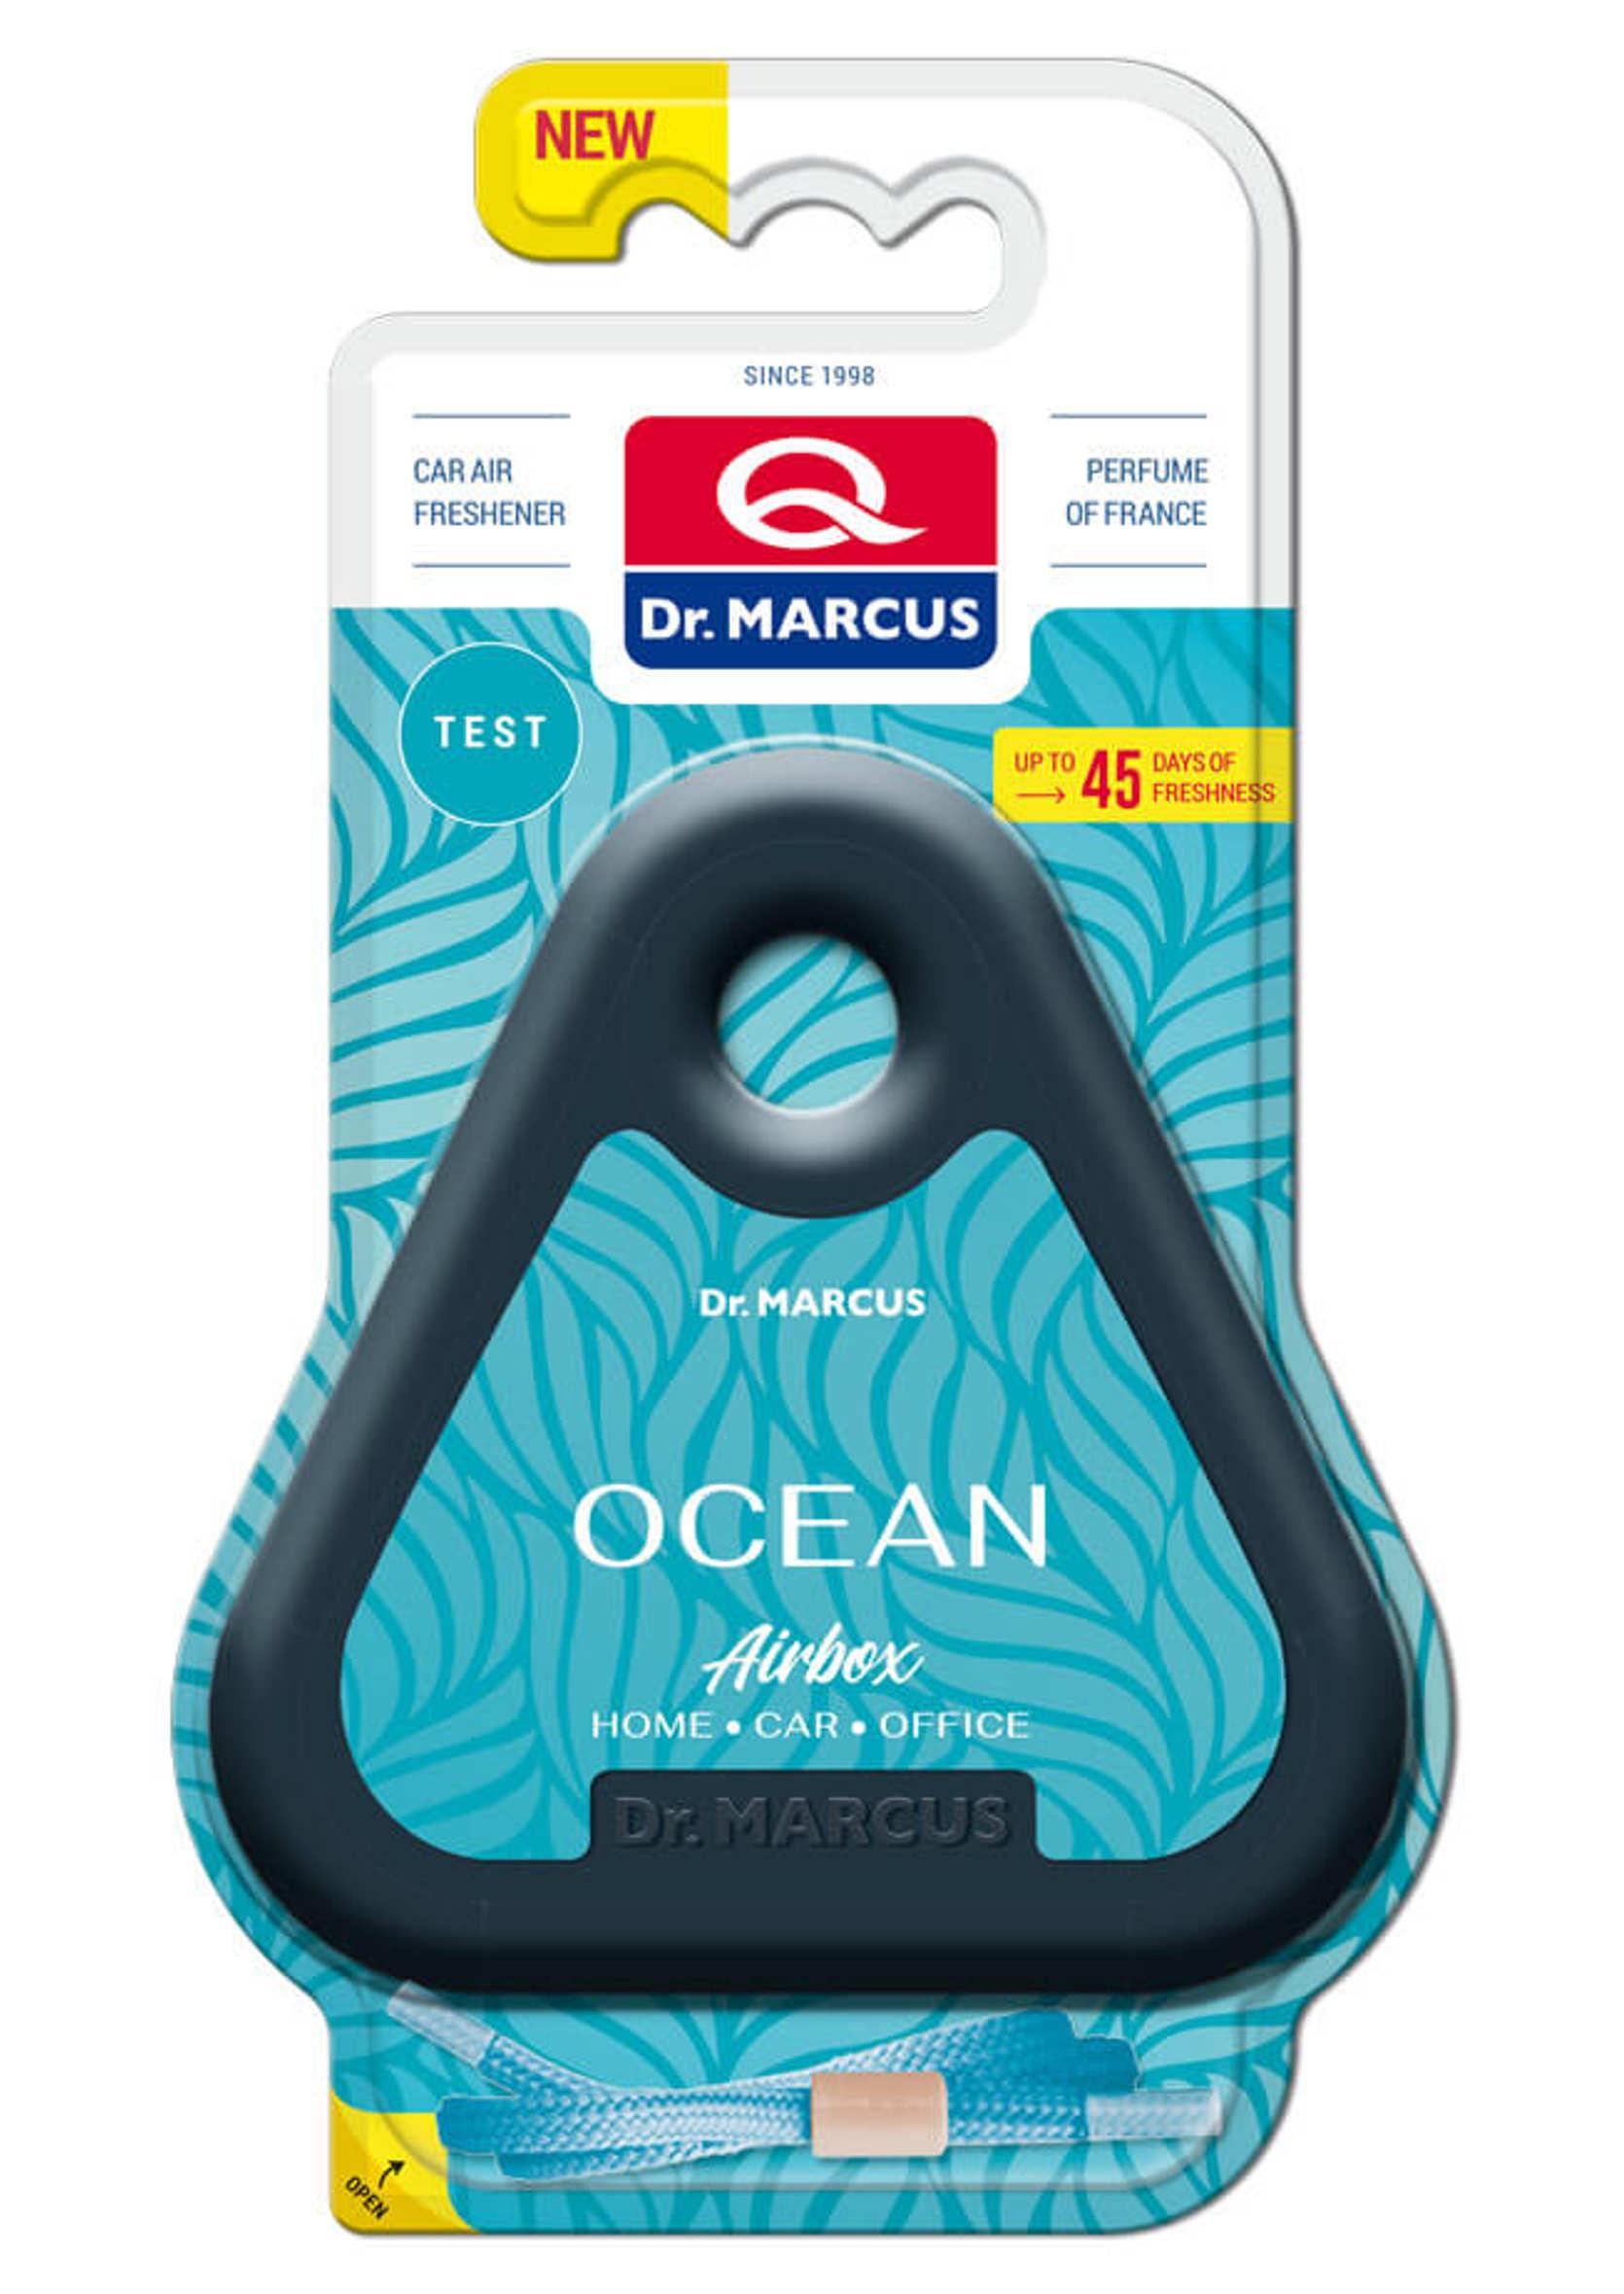 Dr Marcus Airbox Ocean Odświeżacz zapach samochodowy pod siedzenie